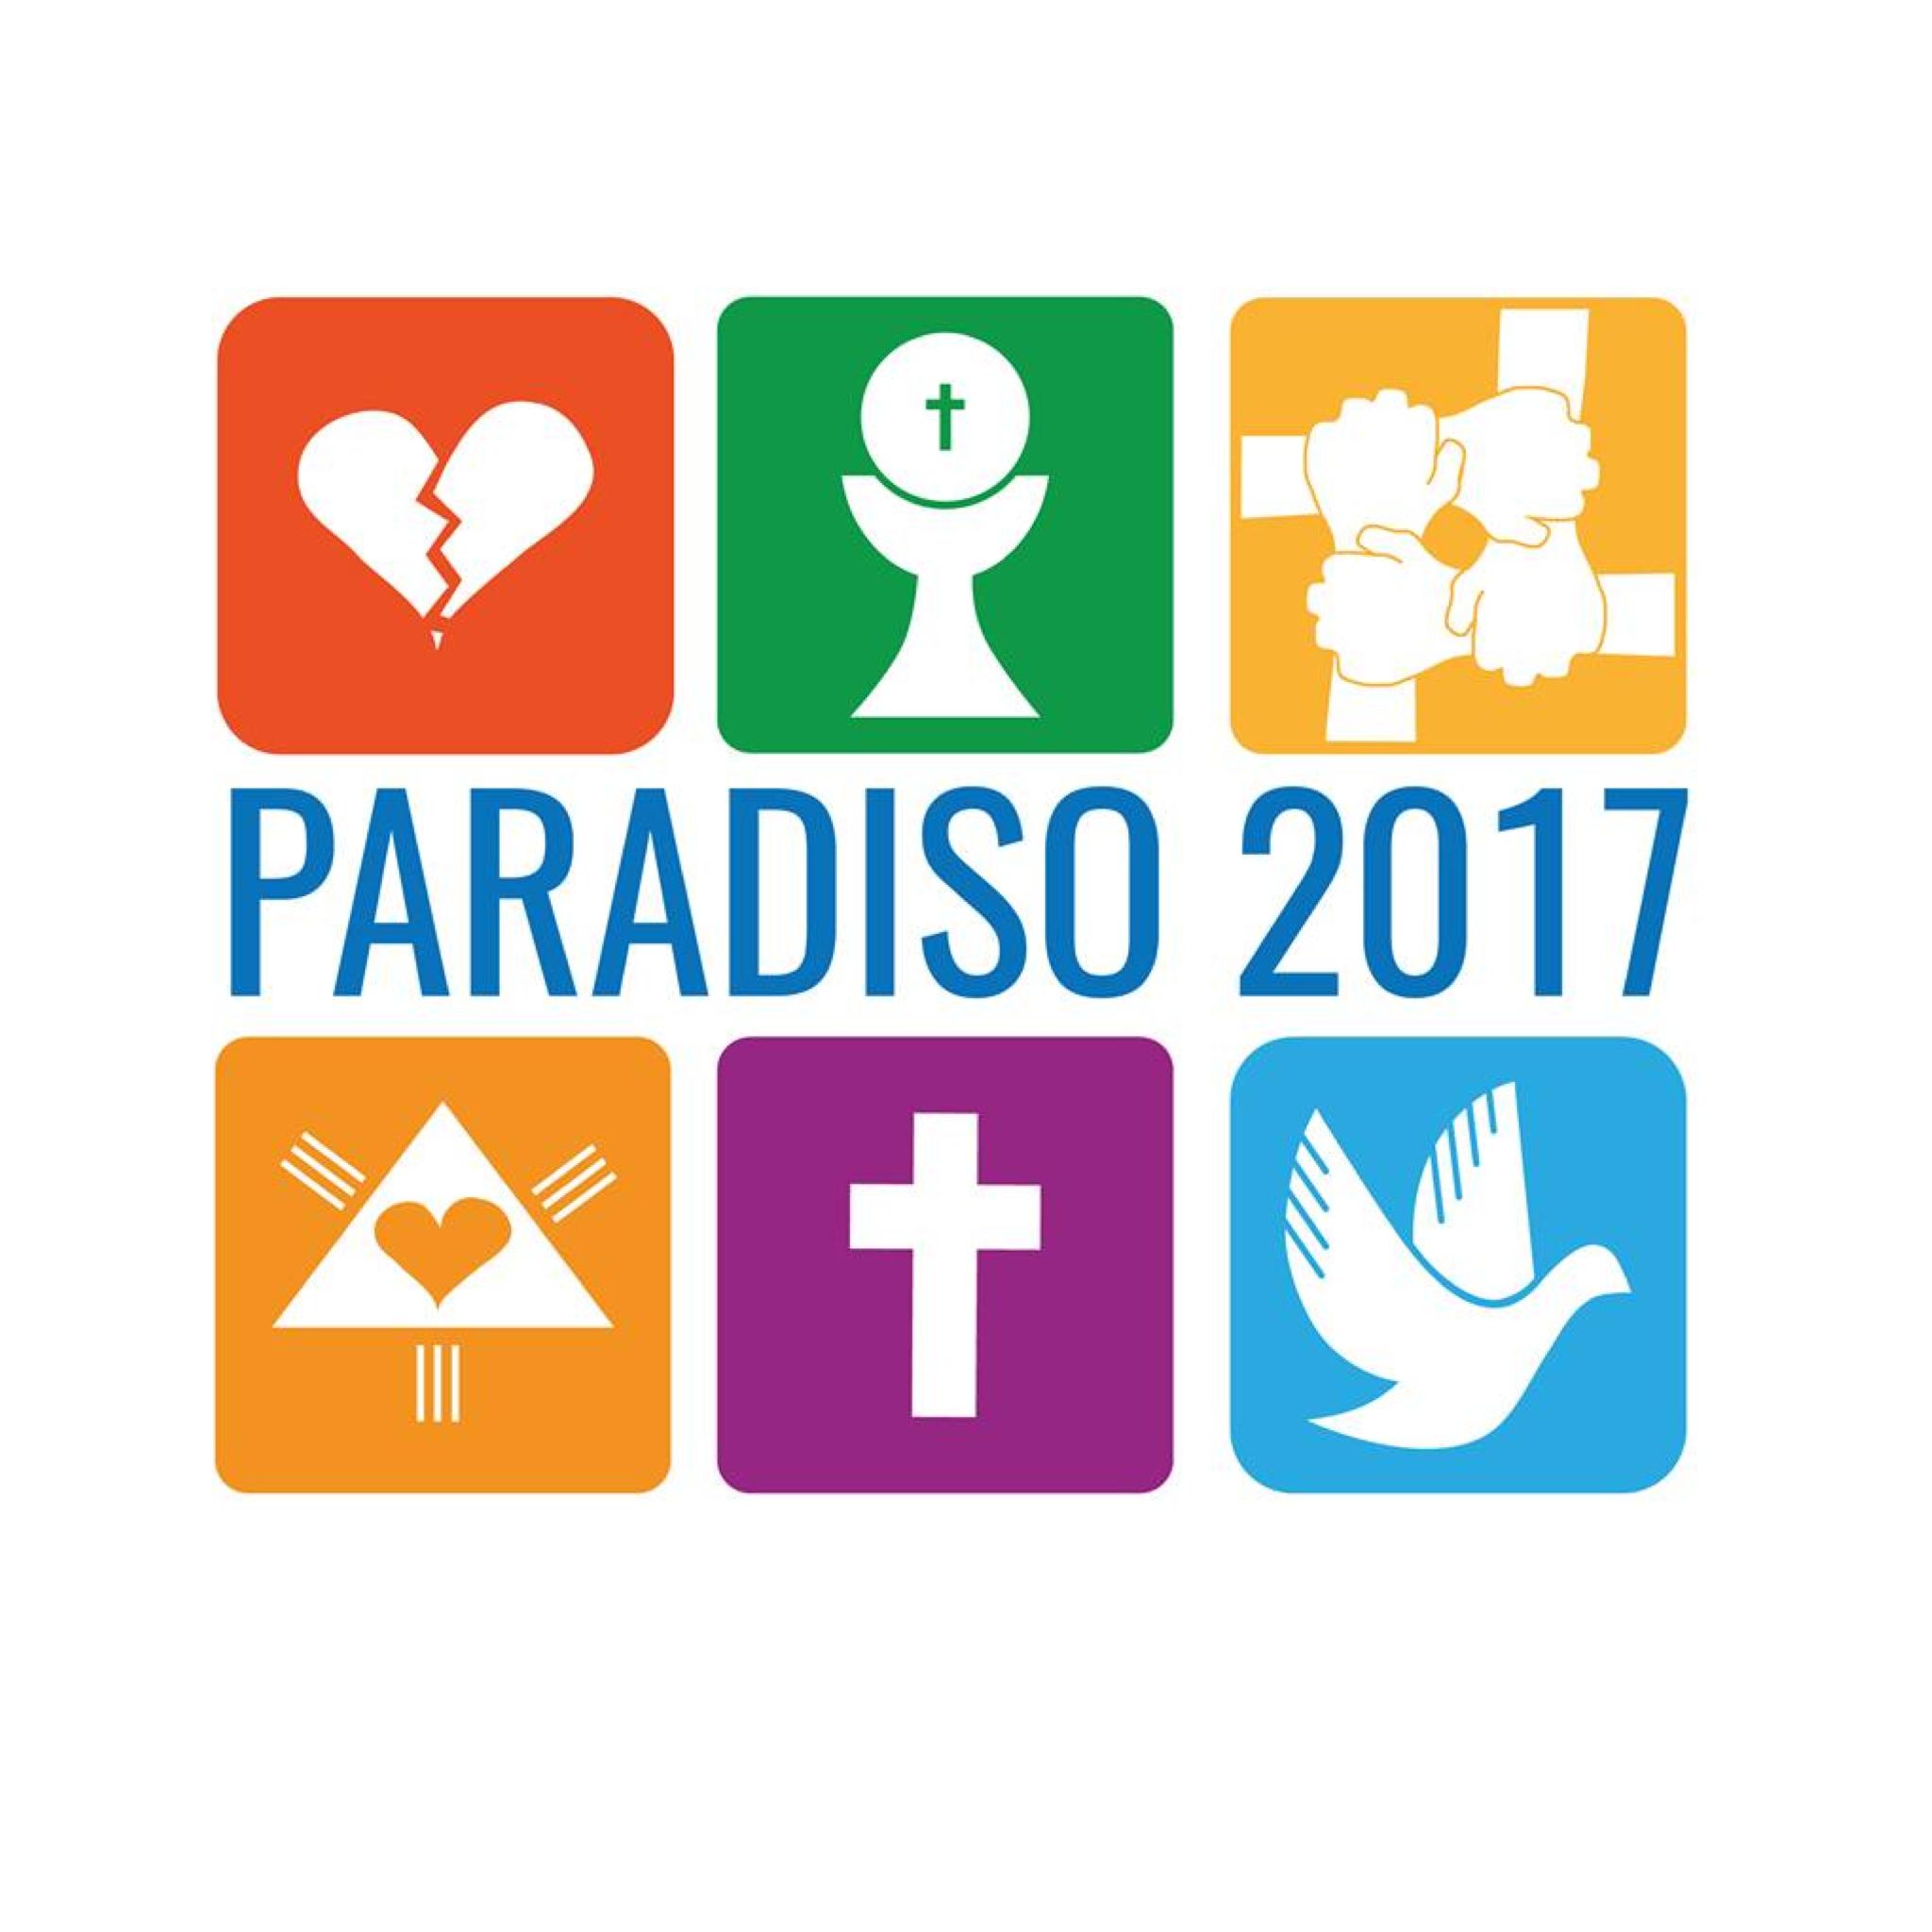 Oglądasz obraz z artykułu: Paradiso 2017